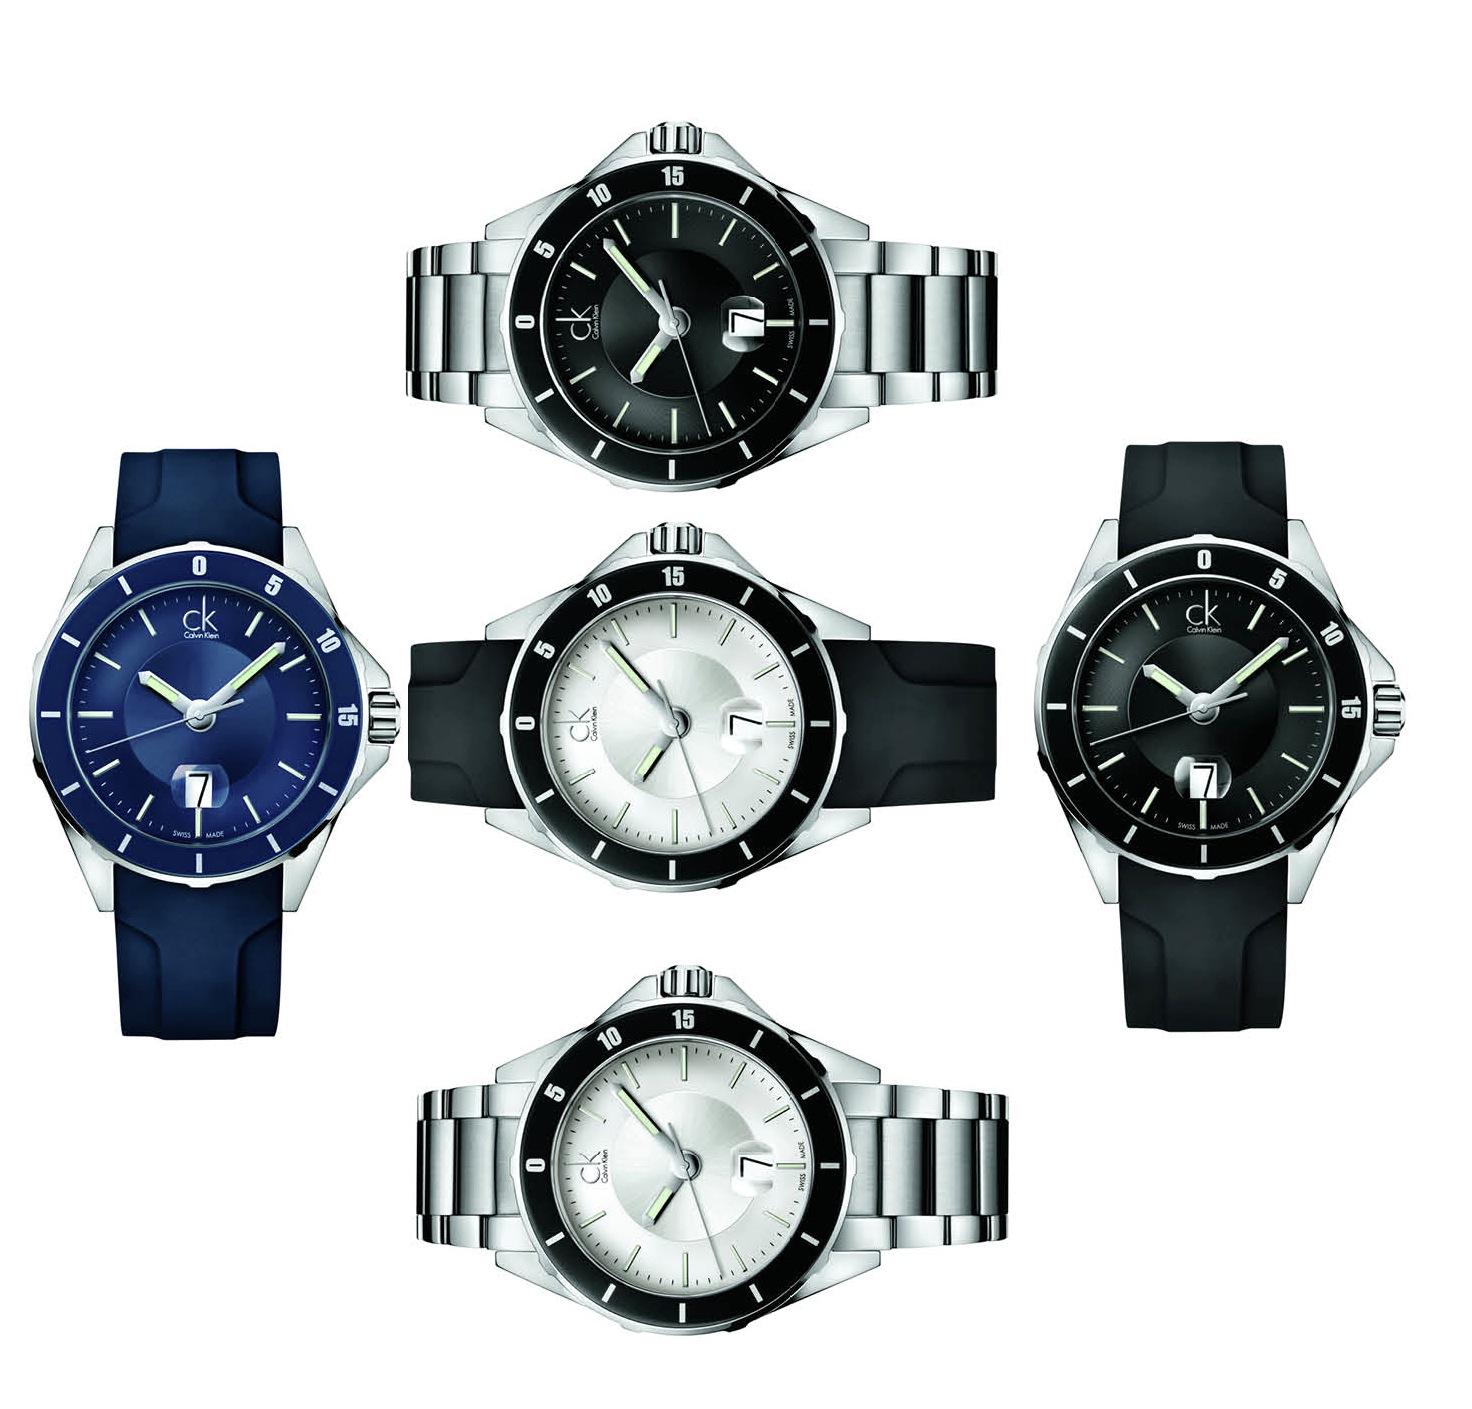 In fünf Varianten ist die Play von CK Watches erhältlich